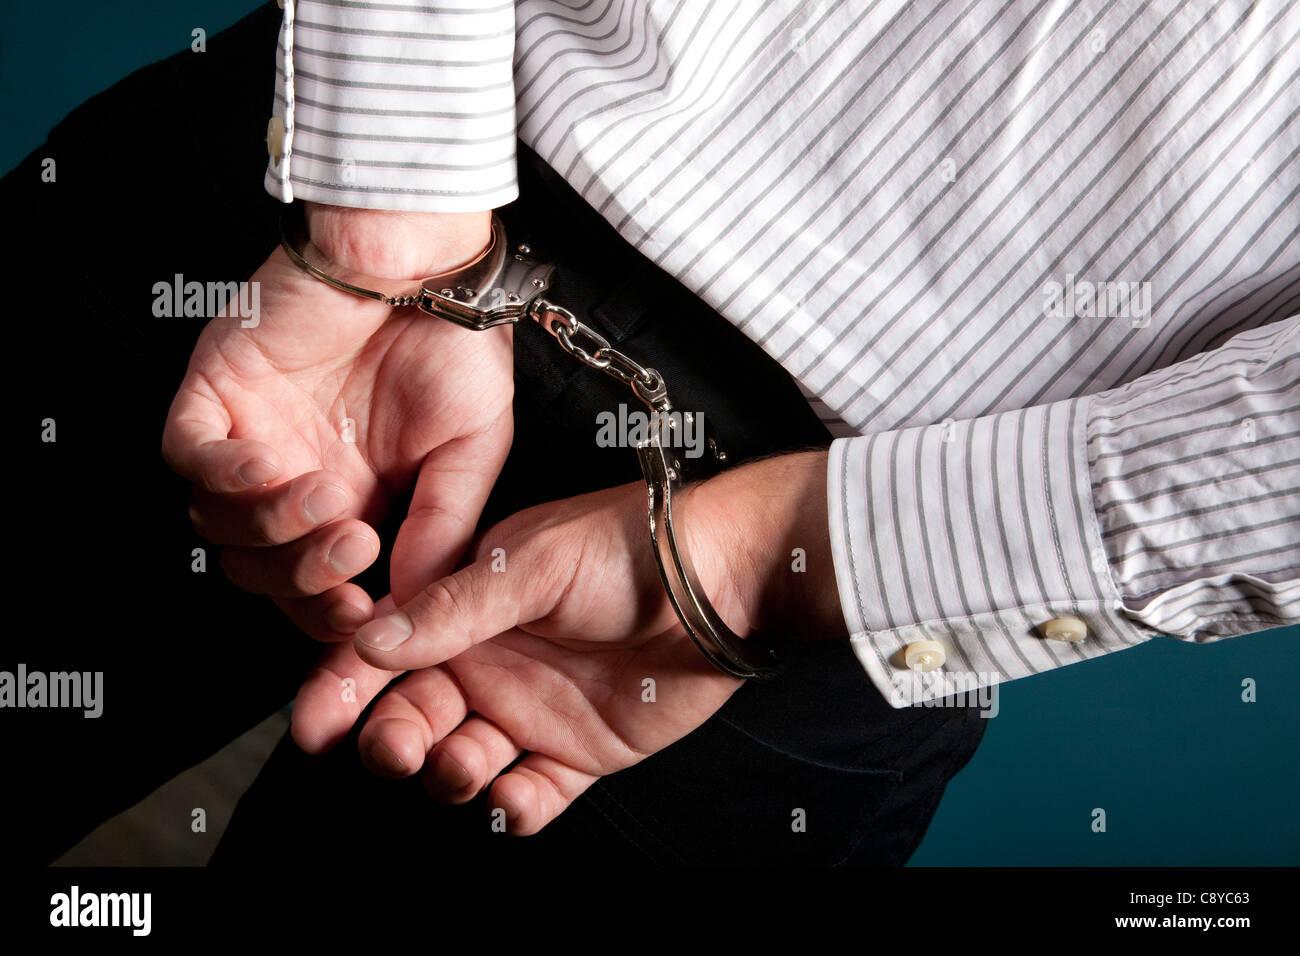 Un collare bianco penale in manette su sfondo blu. Immagini Stock